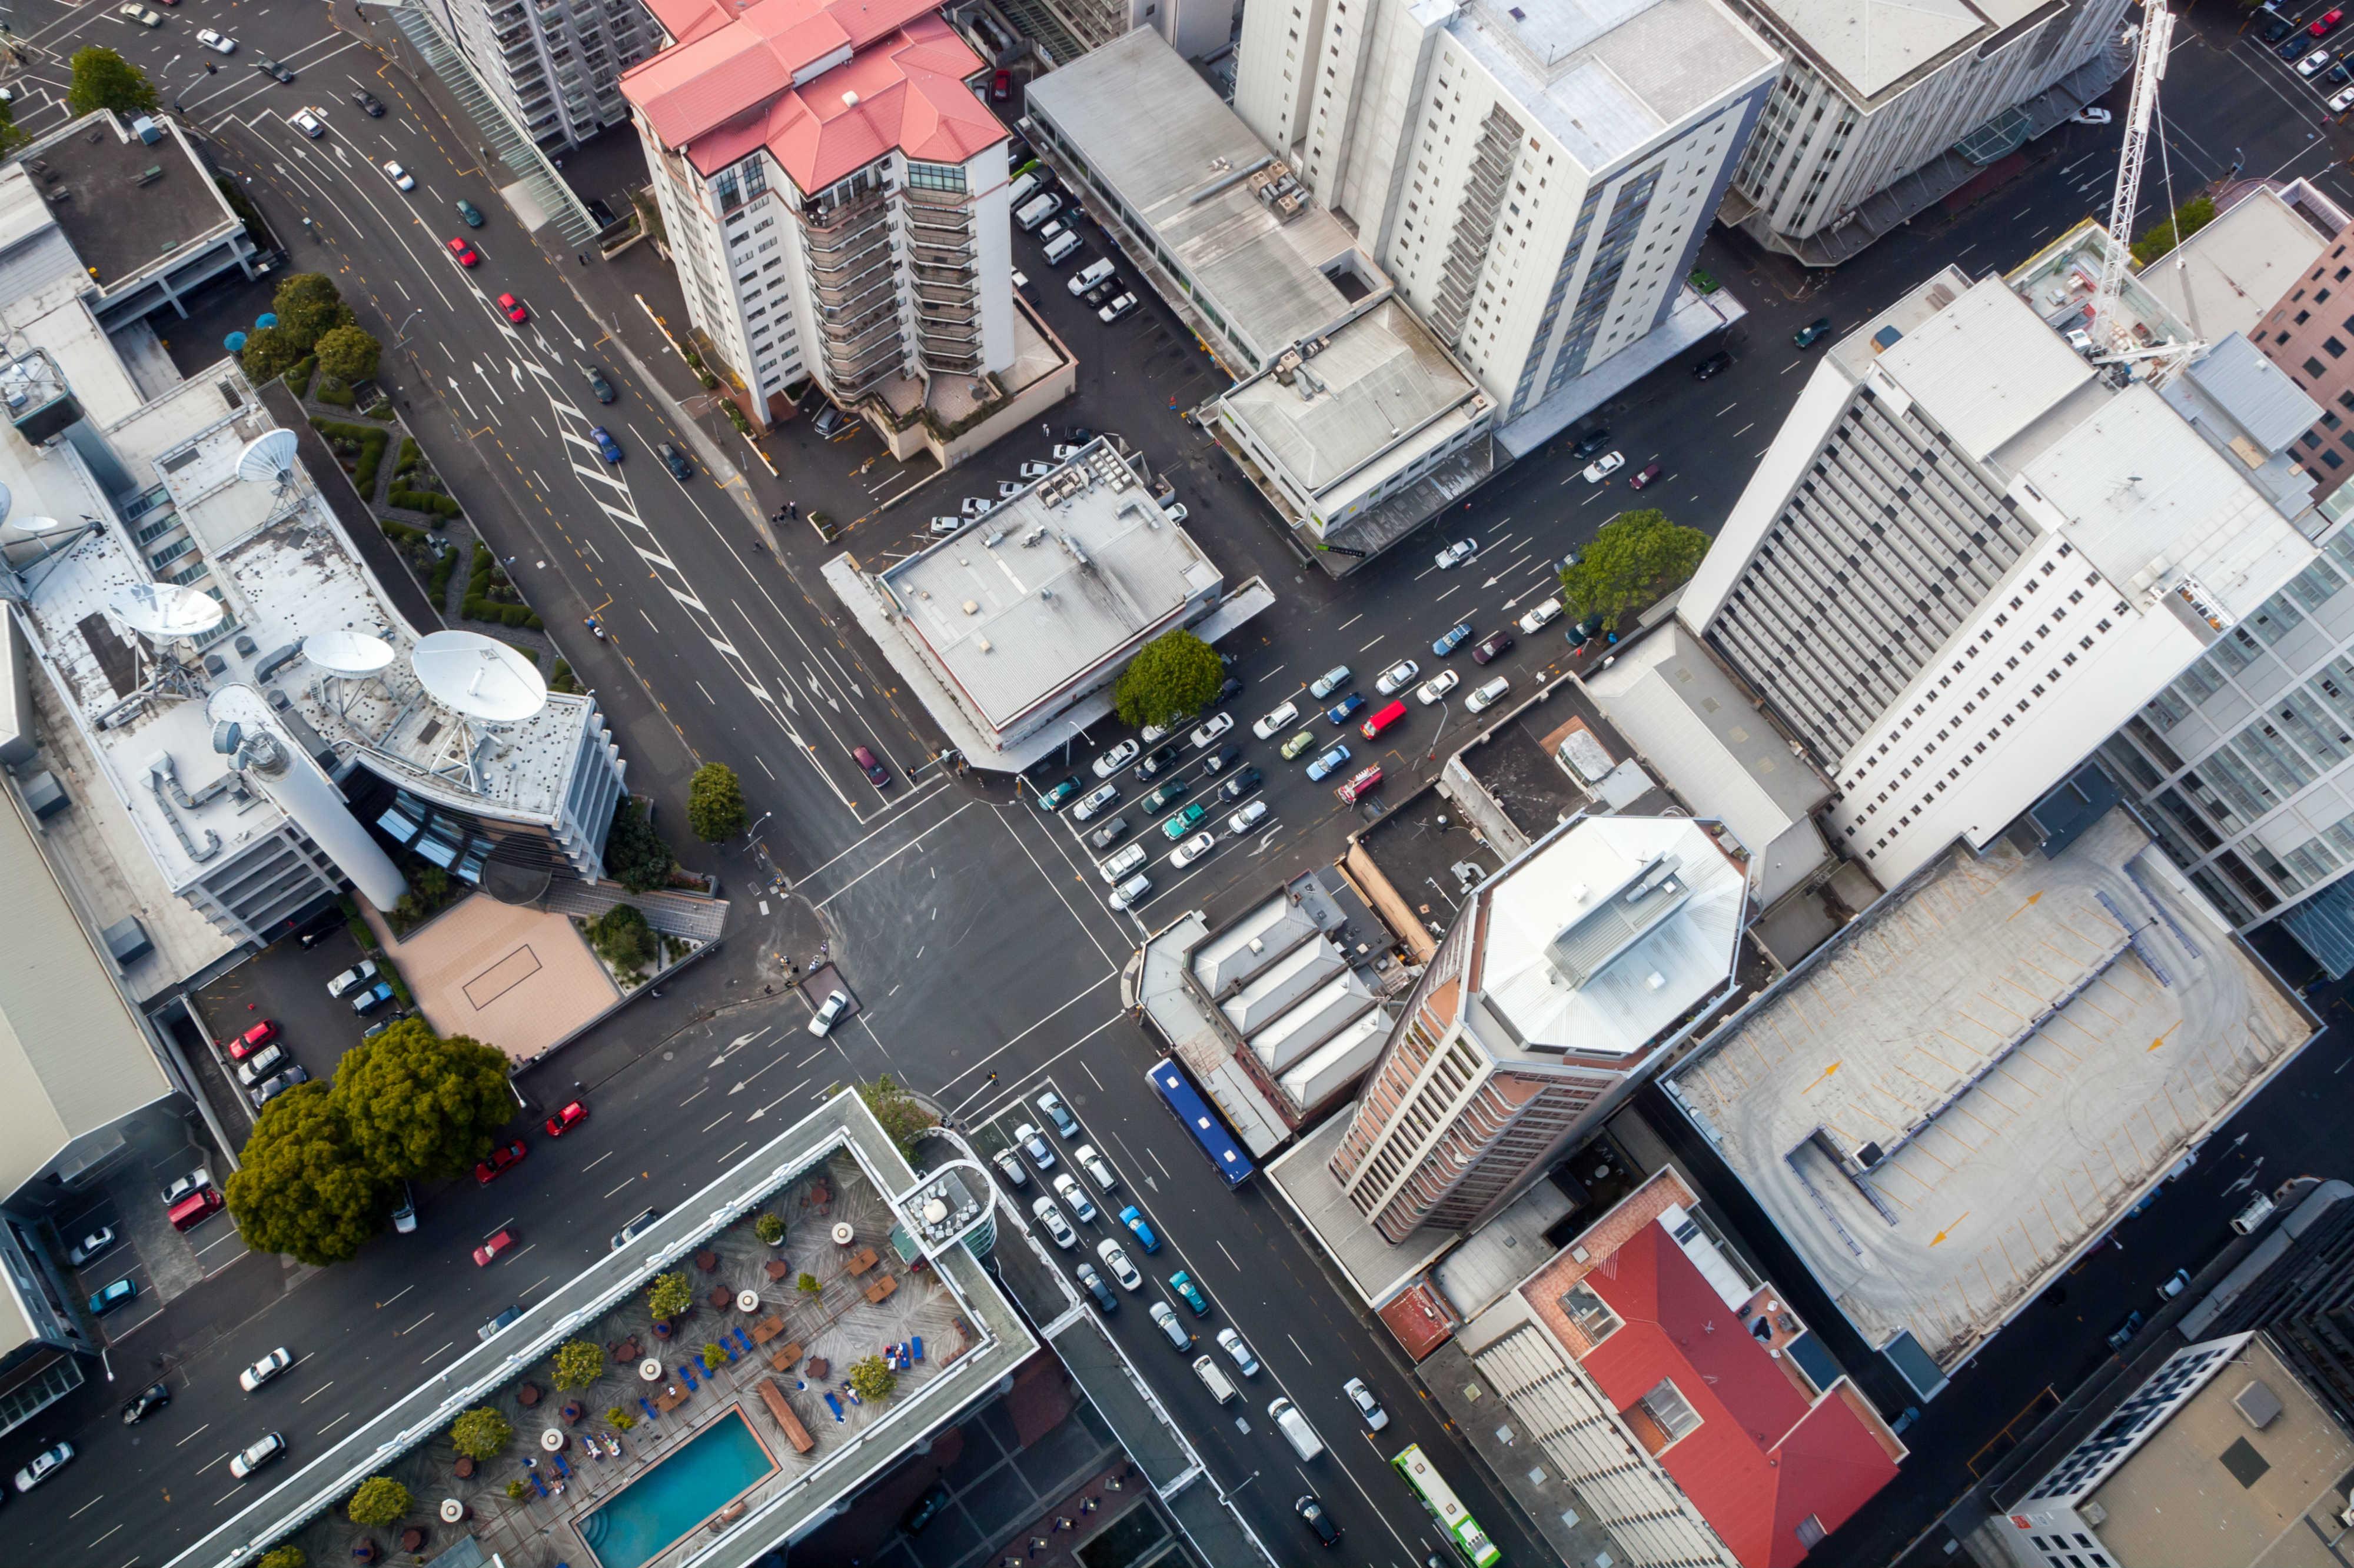 La urbanización presiona cada vez más las áreas protegidas